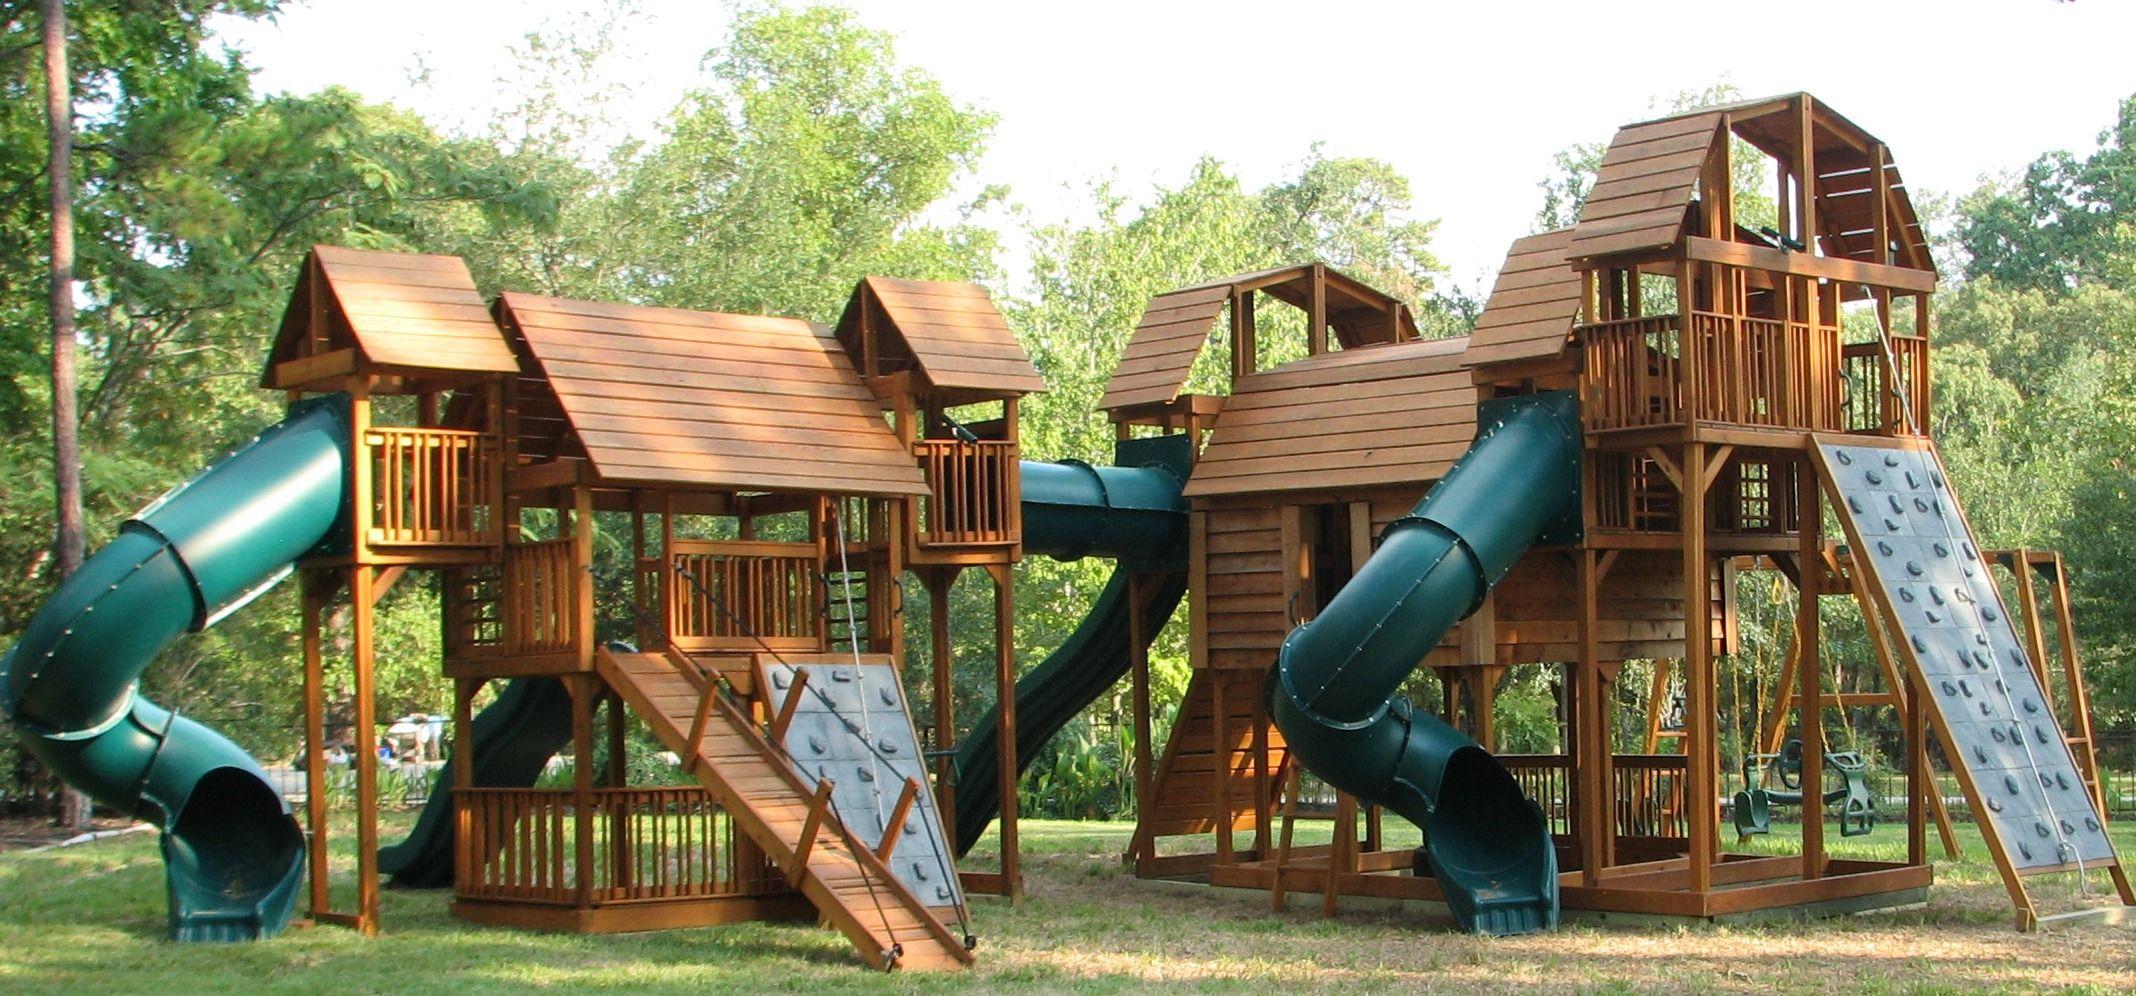 Home Playground Equipment The Benefits Of Playground